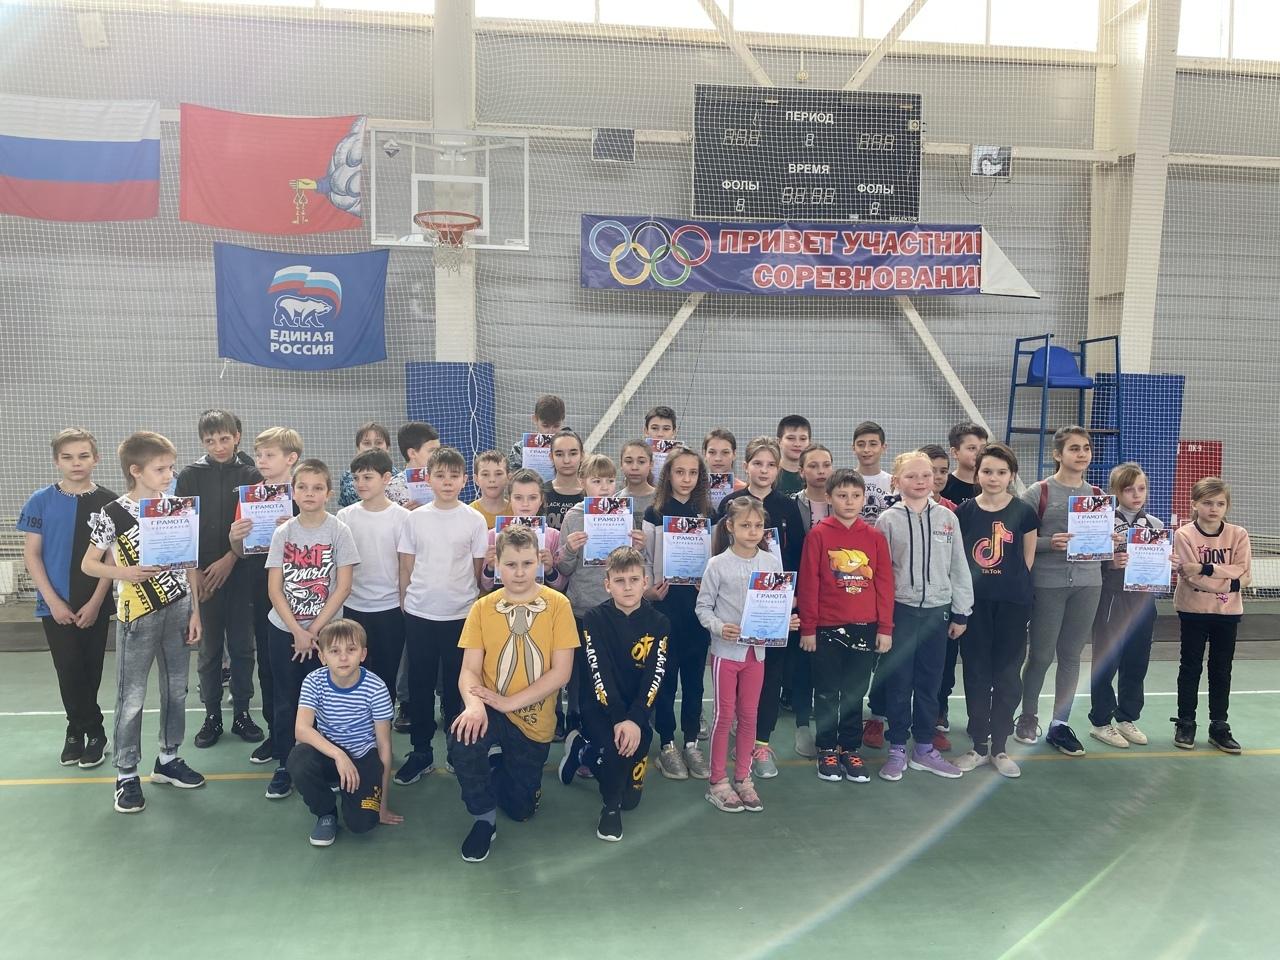 Воспитанники Петровской спортшколы поучаствовали в соревнованиях по бегу на короткие дистанции